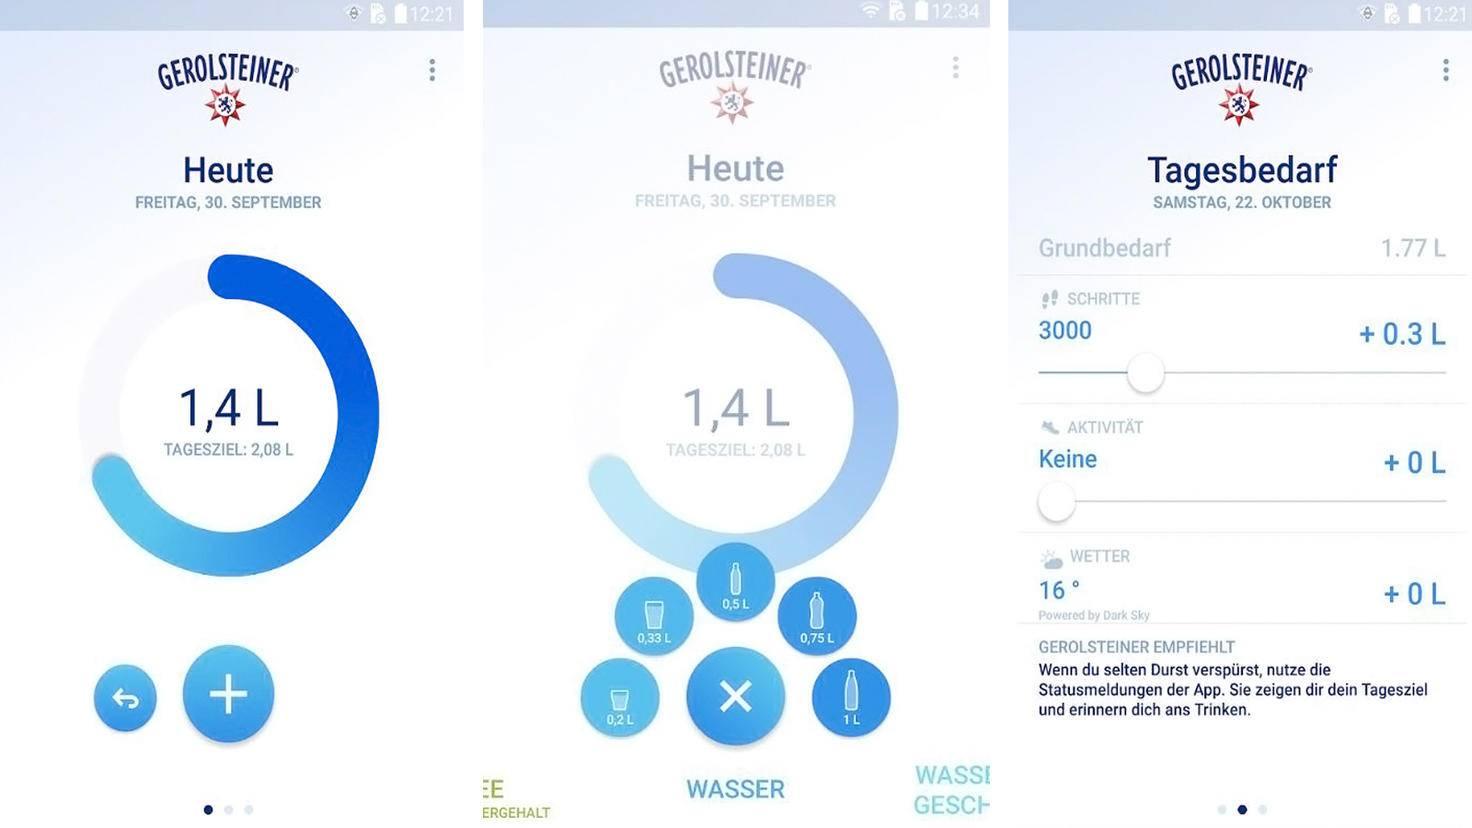 Gerolsteiner TrinkCheck-Google Play Store-Gerolsteiner Brunnen GmbH Co KG